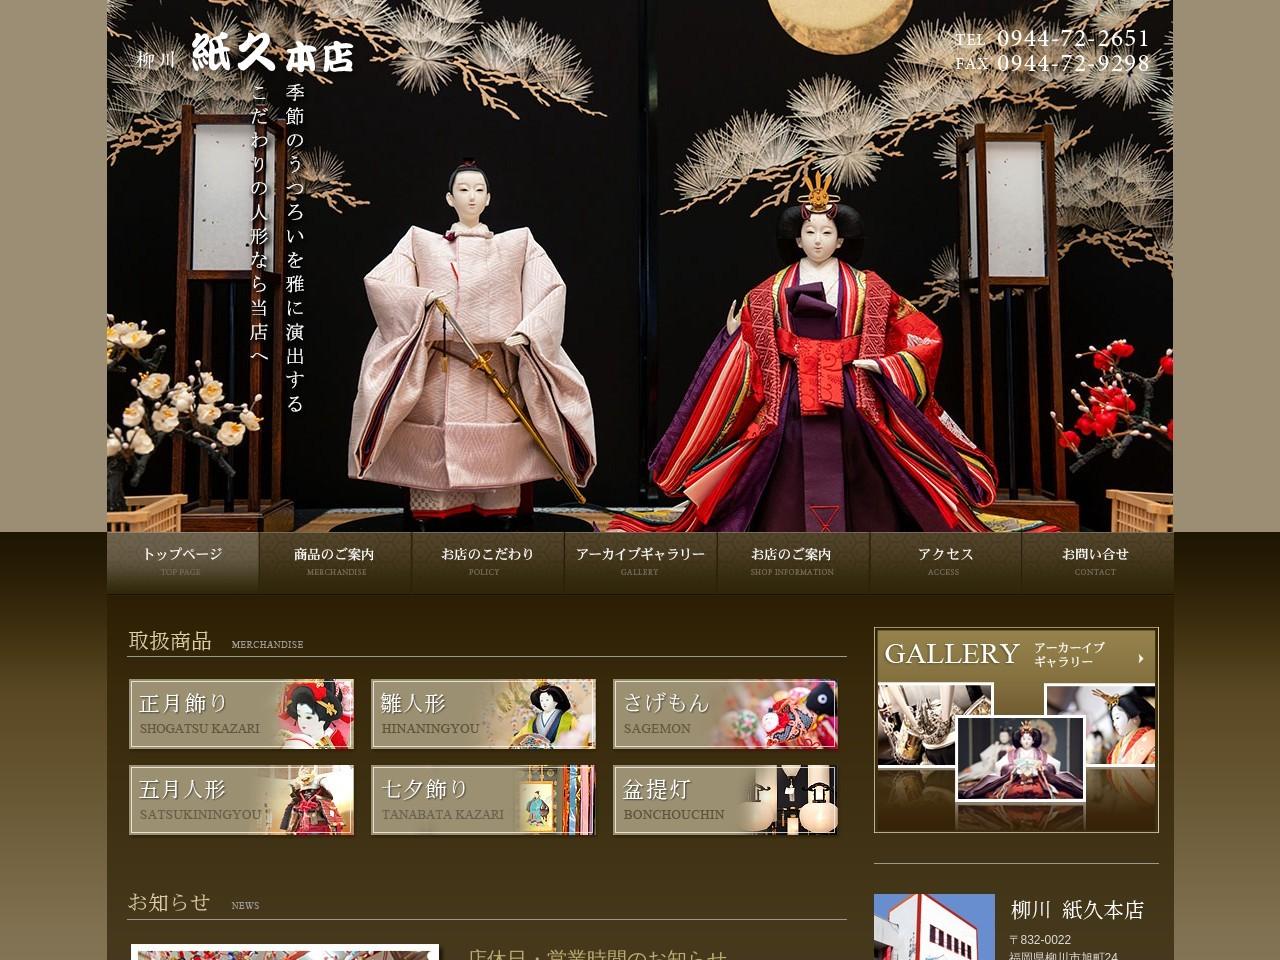 柳川紙久本店 | ひな人形・さげもん・五月人形など節句人形を福岡県柳川市で販売